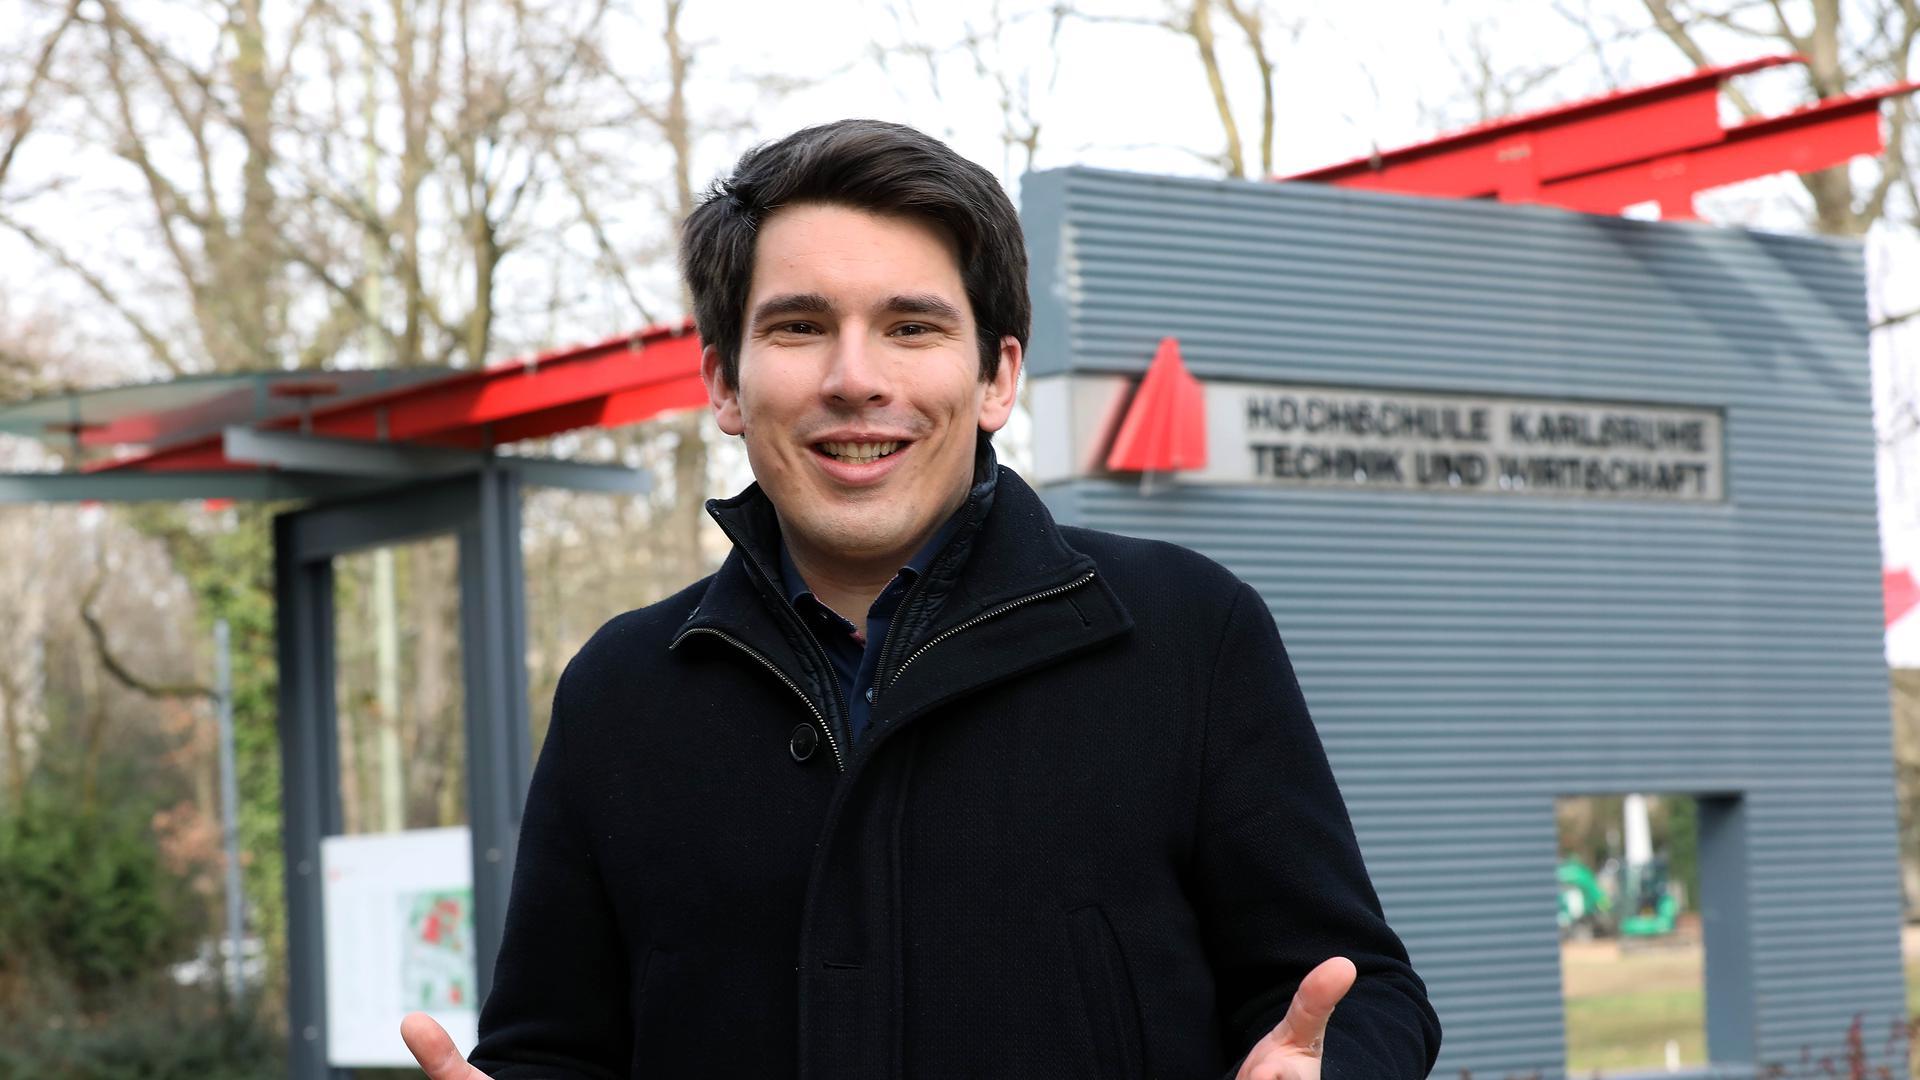 Der grüne Kandidat: Alexander Salomon ist zwar erst 34 Jahre alt, hat aber schon zehn Jahre Landtag auf dem Buckel. Besonders für die Karlsruher Hochschulen setzt er sich ein.